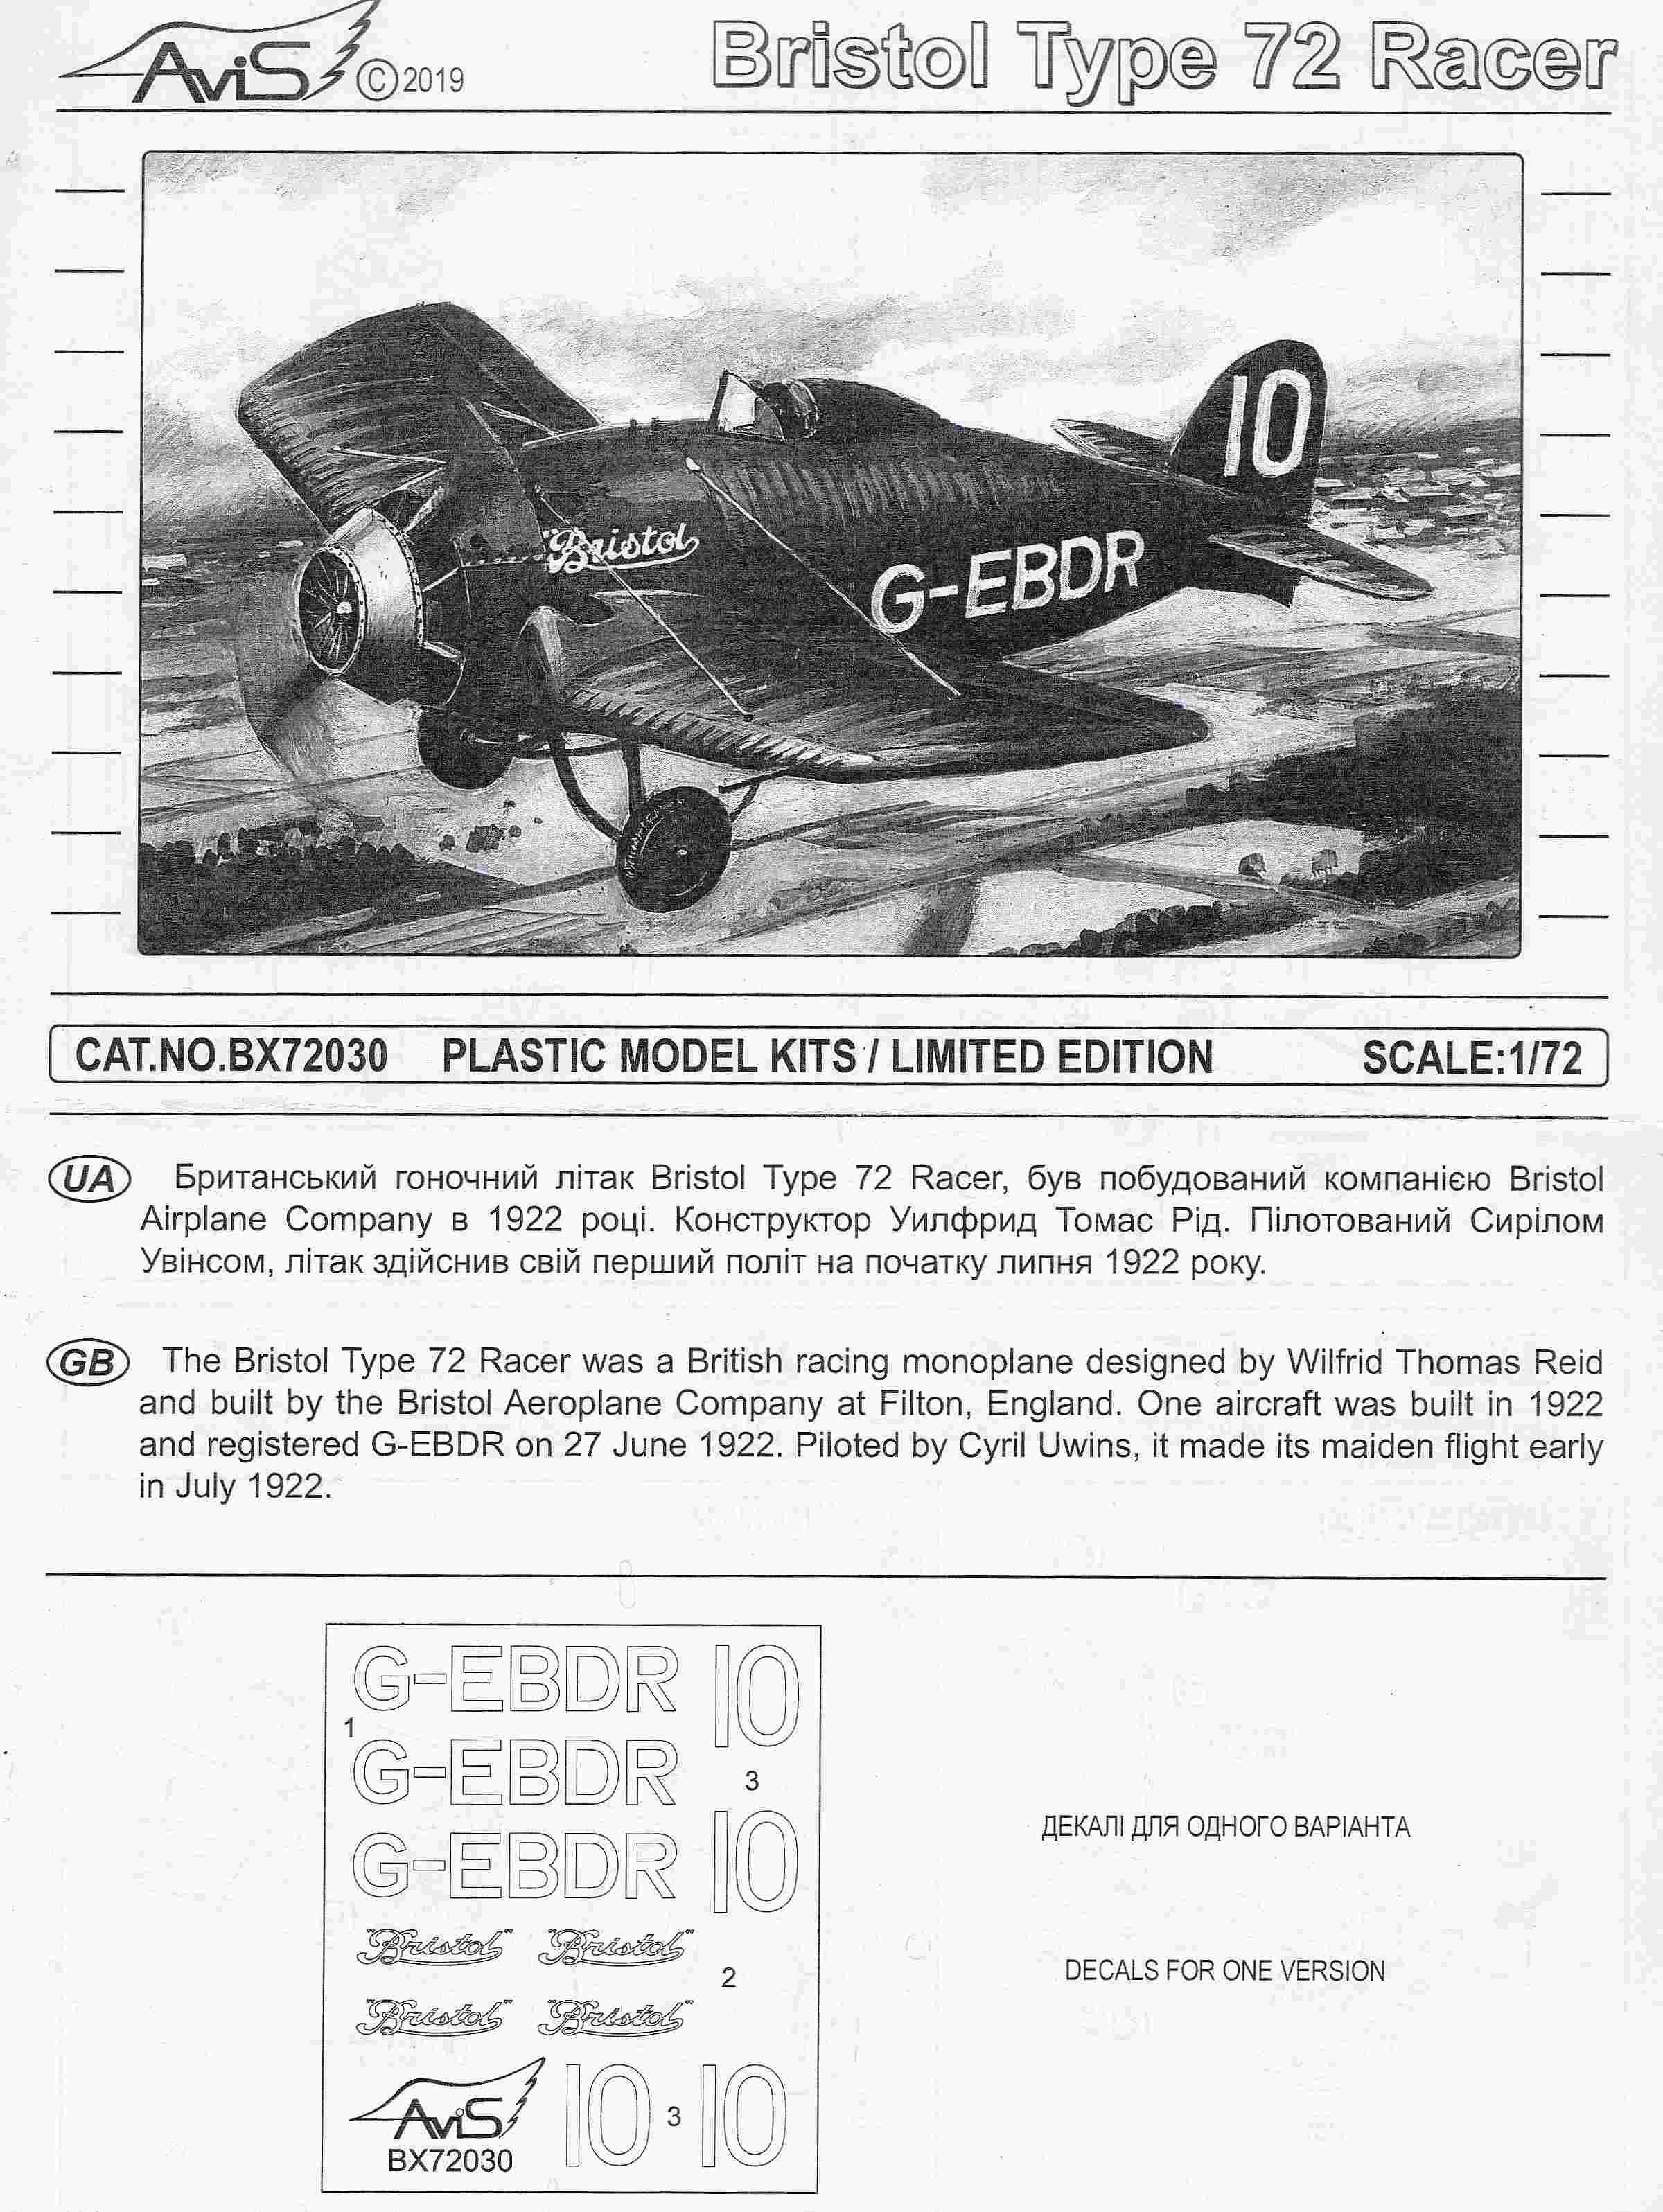 AVIS-BX-72030-Bristol-Type-72-Racer-1 Bristol Type 72 Racer von AVIS BX 72030